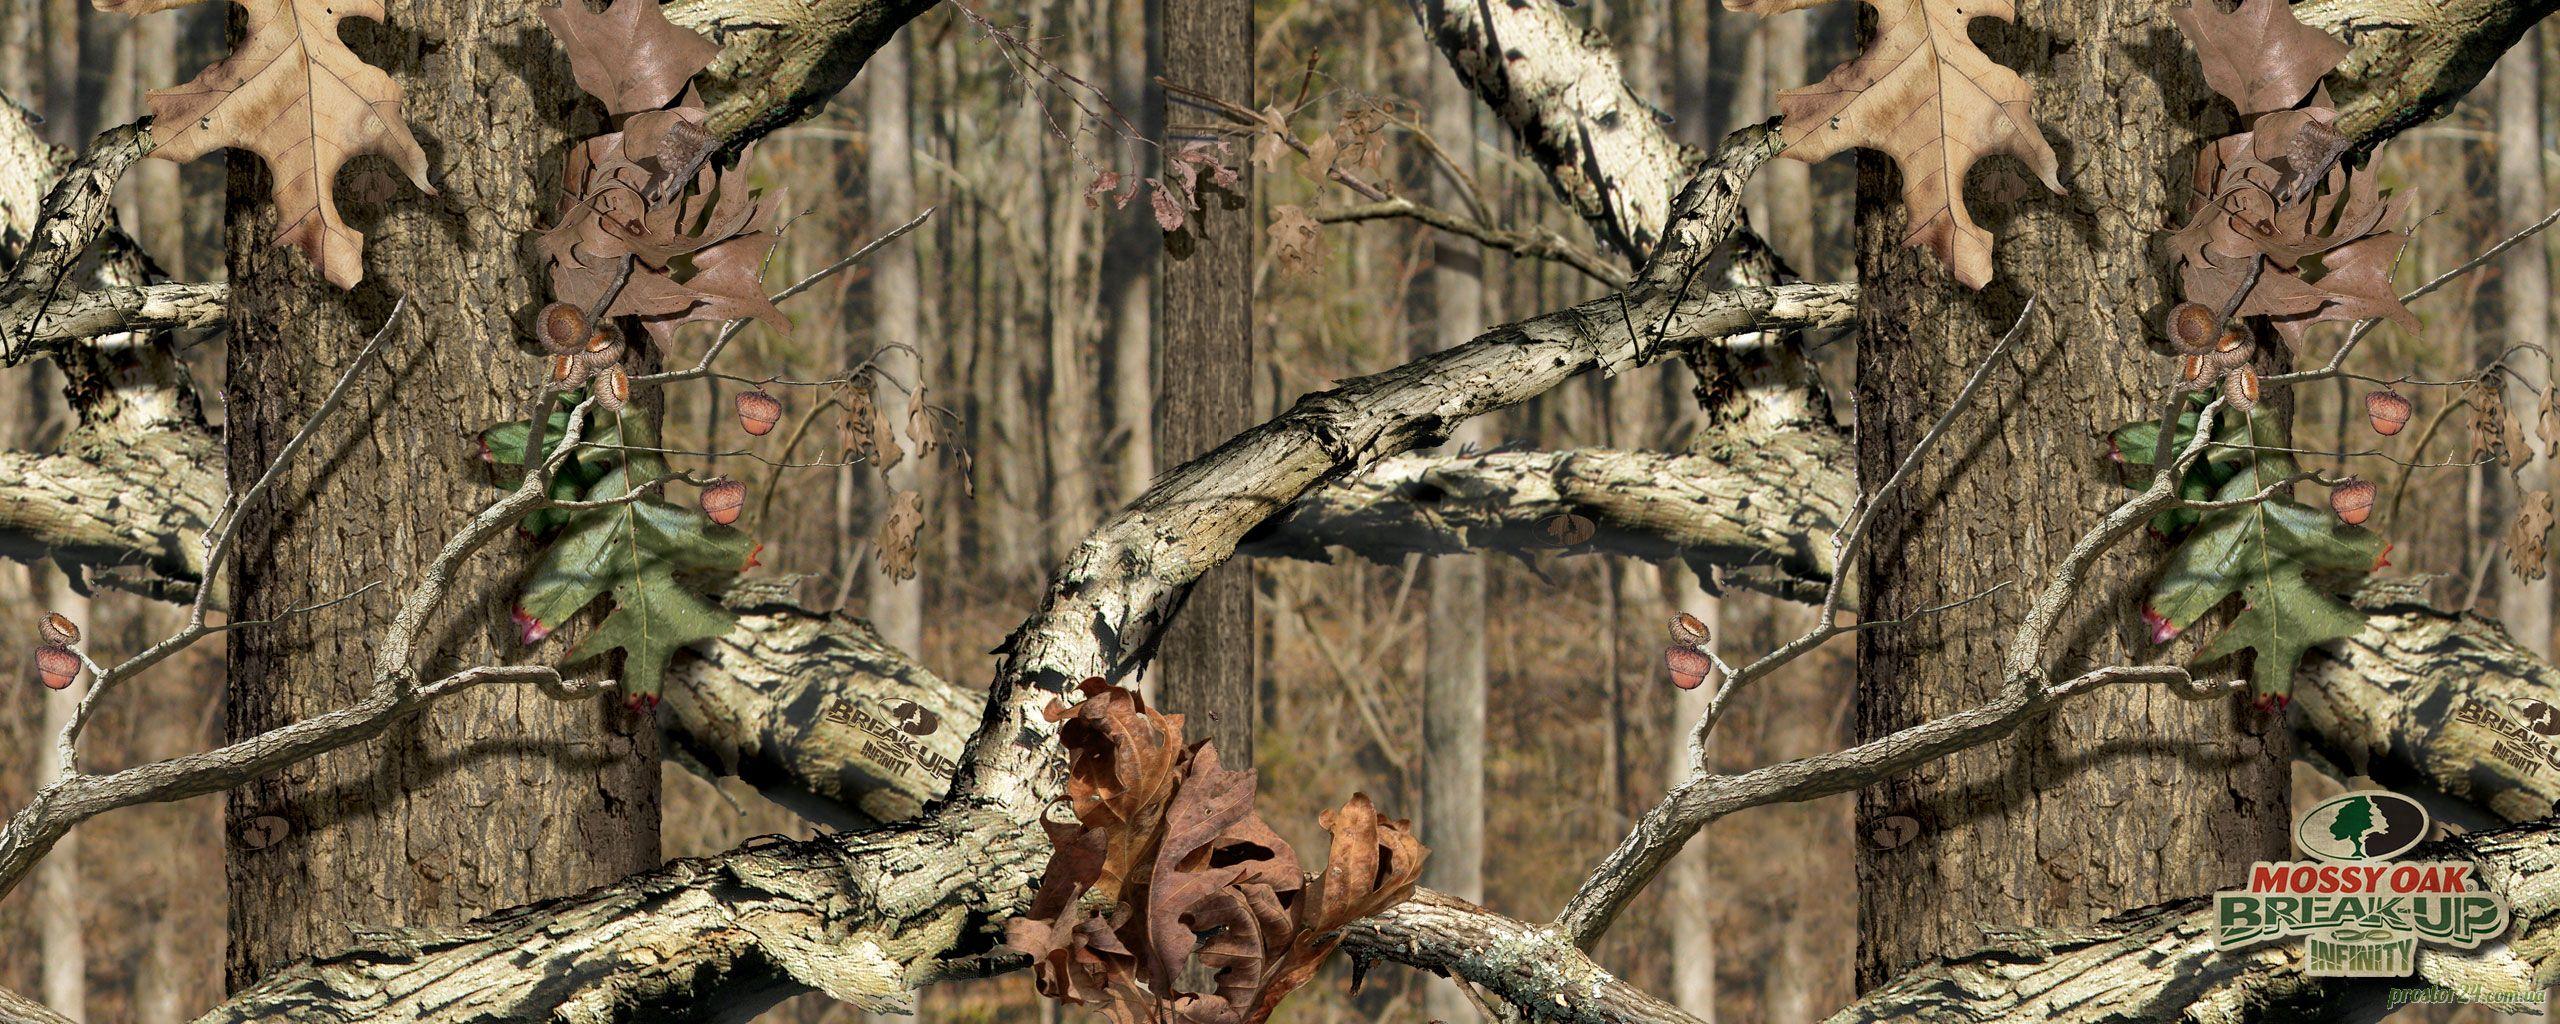 Mossy Oak Break